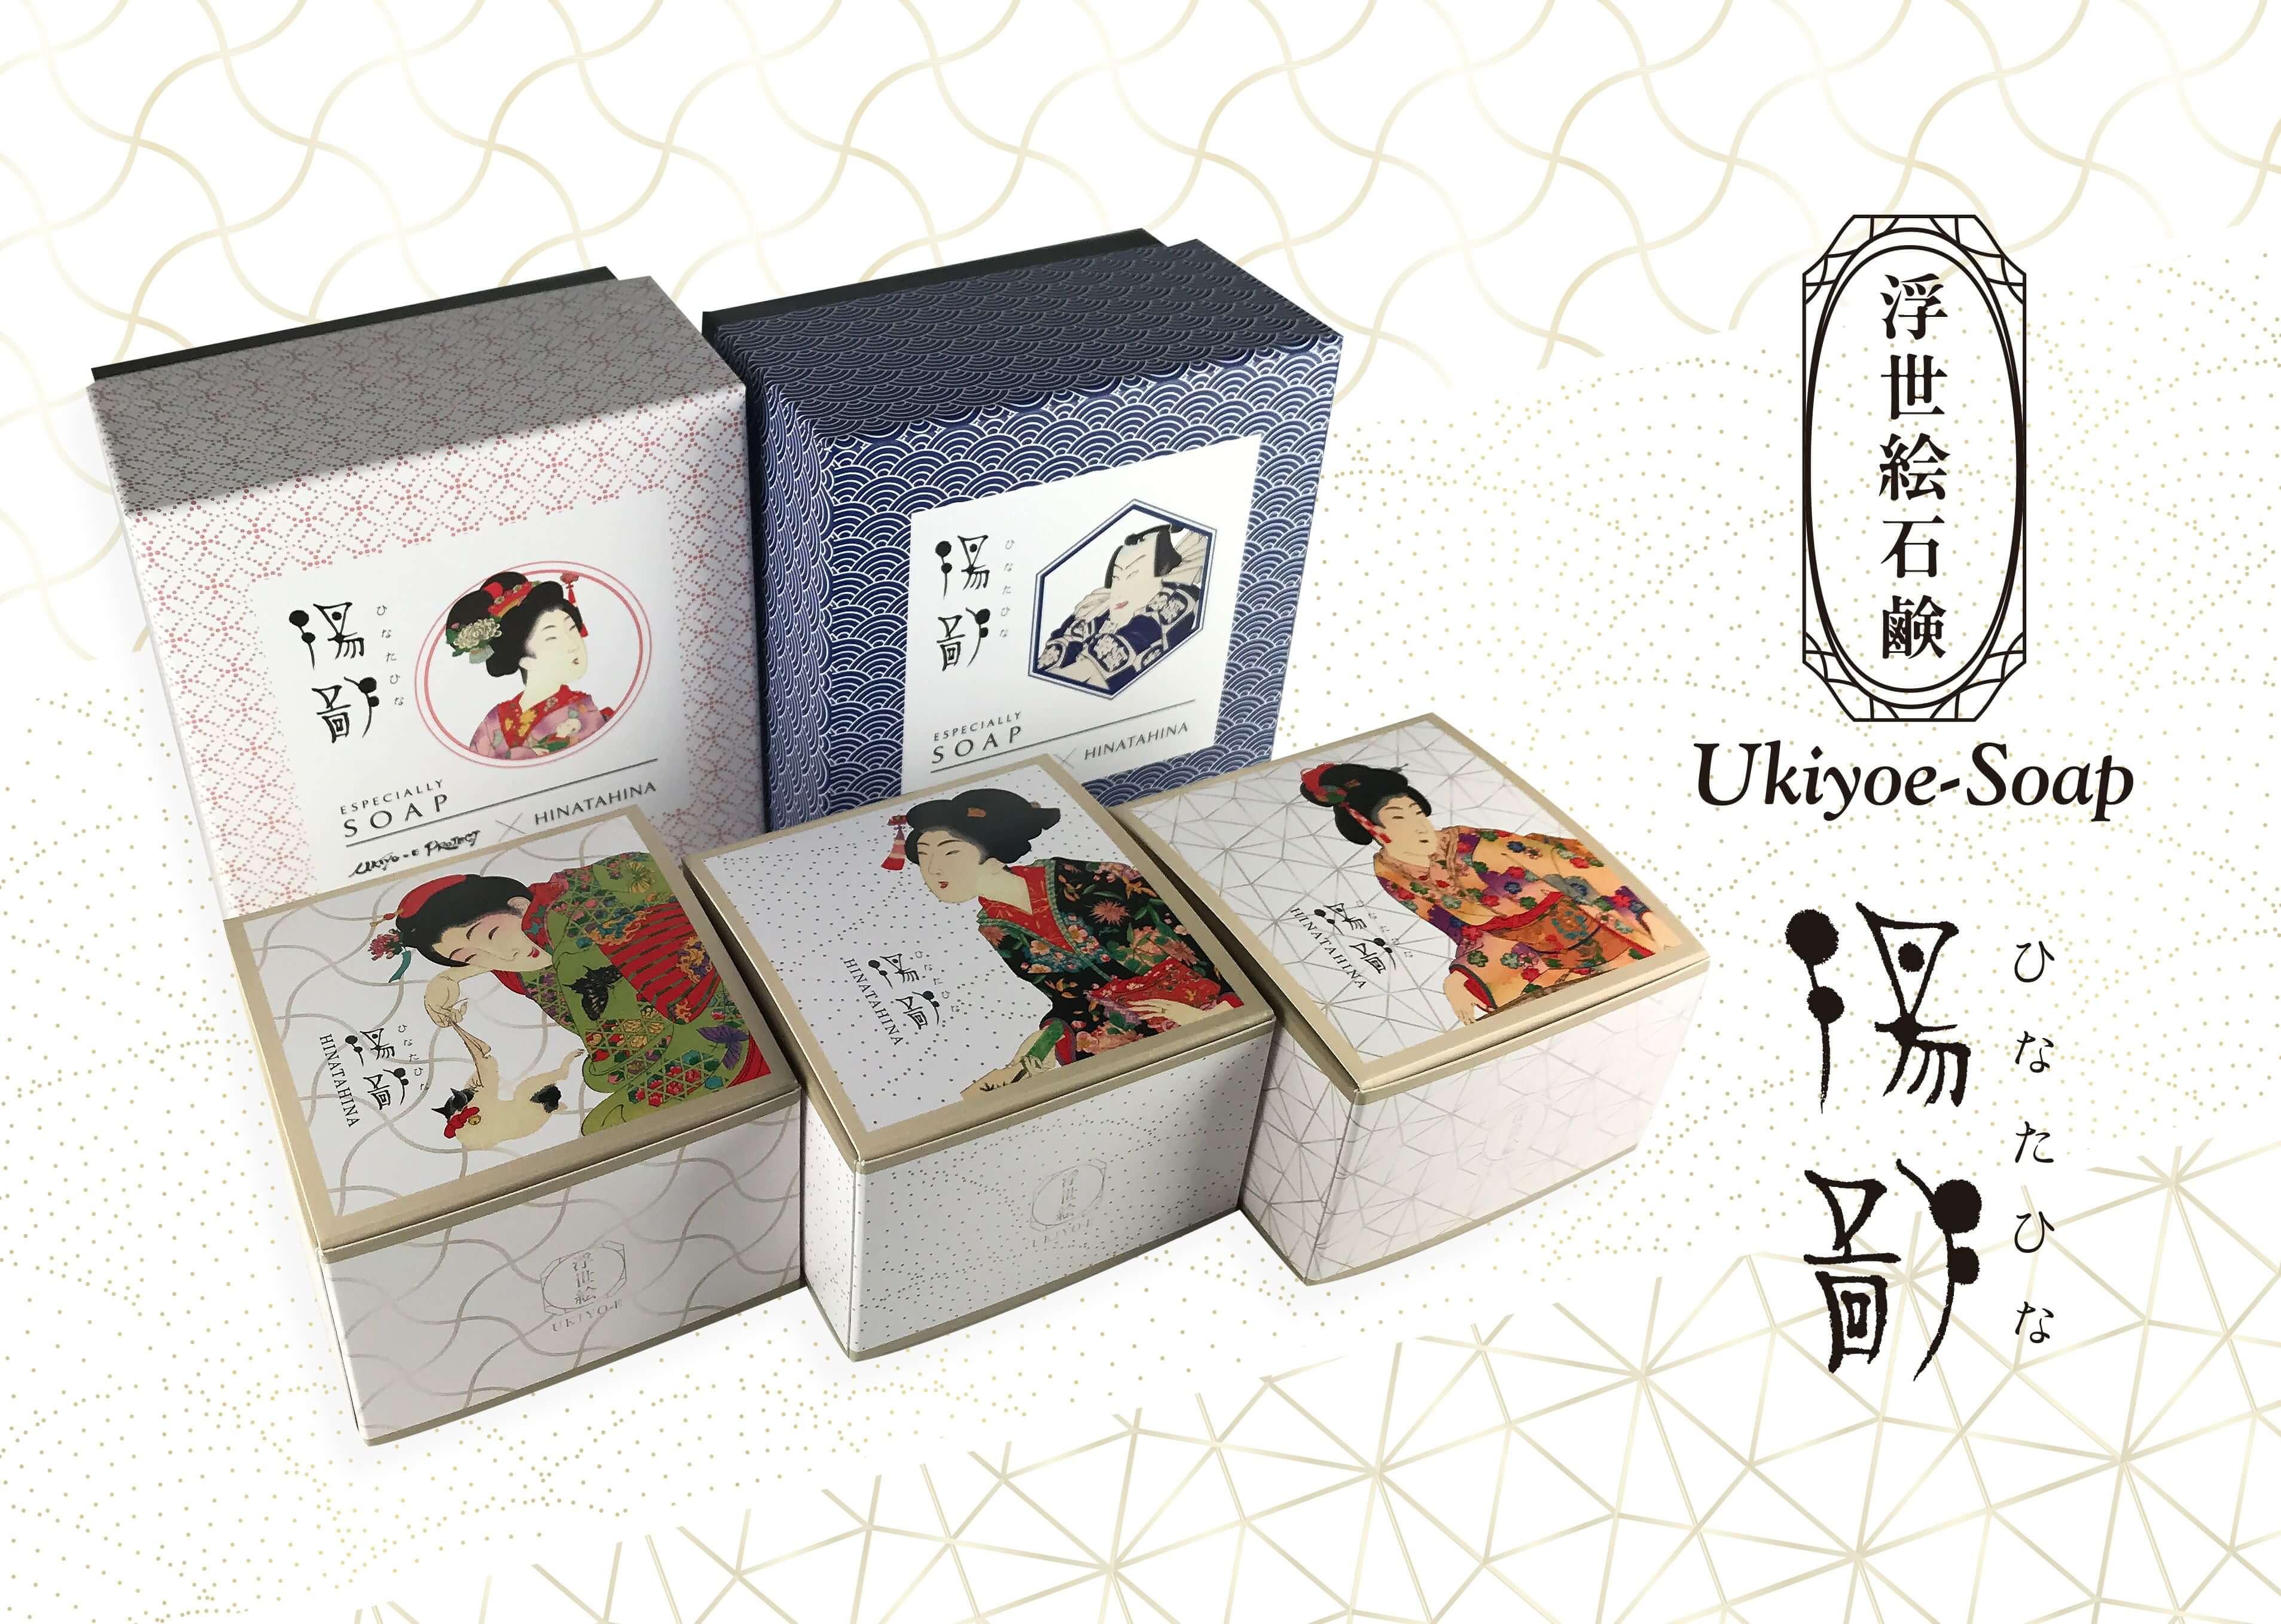 將日本文化的講究傳遞至全世界!浮世繪肥皂「陽鄙」於新宿NEWoMan發售 在新宿、浮世繪、